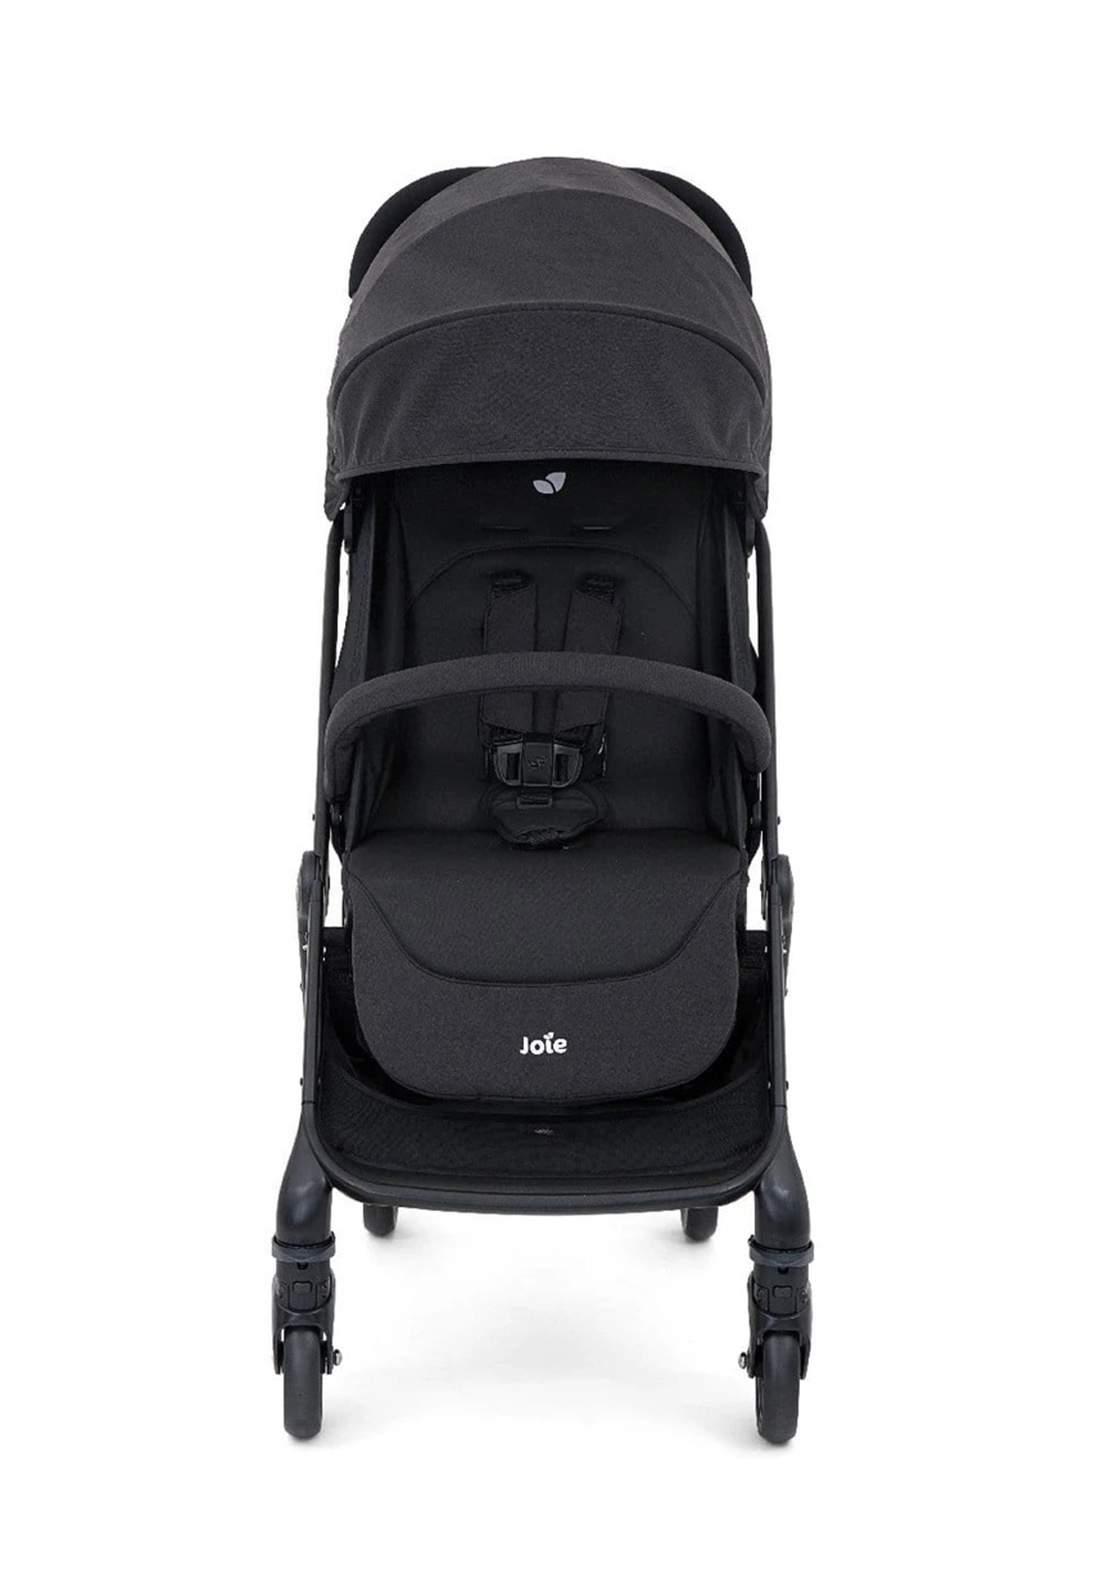 عربة اطفال Joie Baby S1706AACOL000 Tourist Stroller - Coal